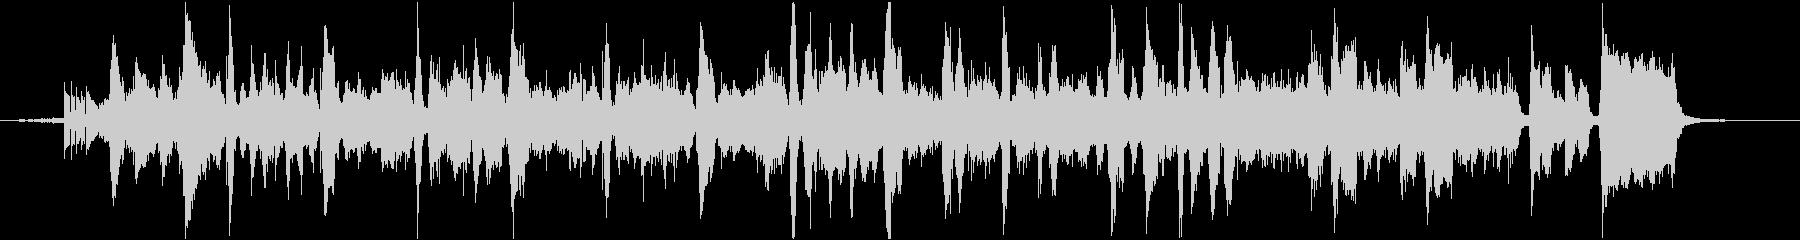 スイカをテーマにした楽曲の未再生の波形